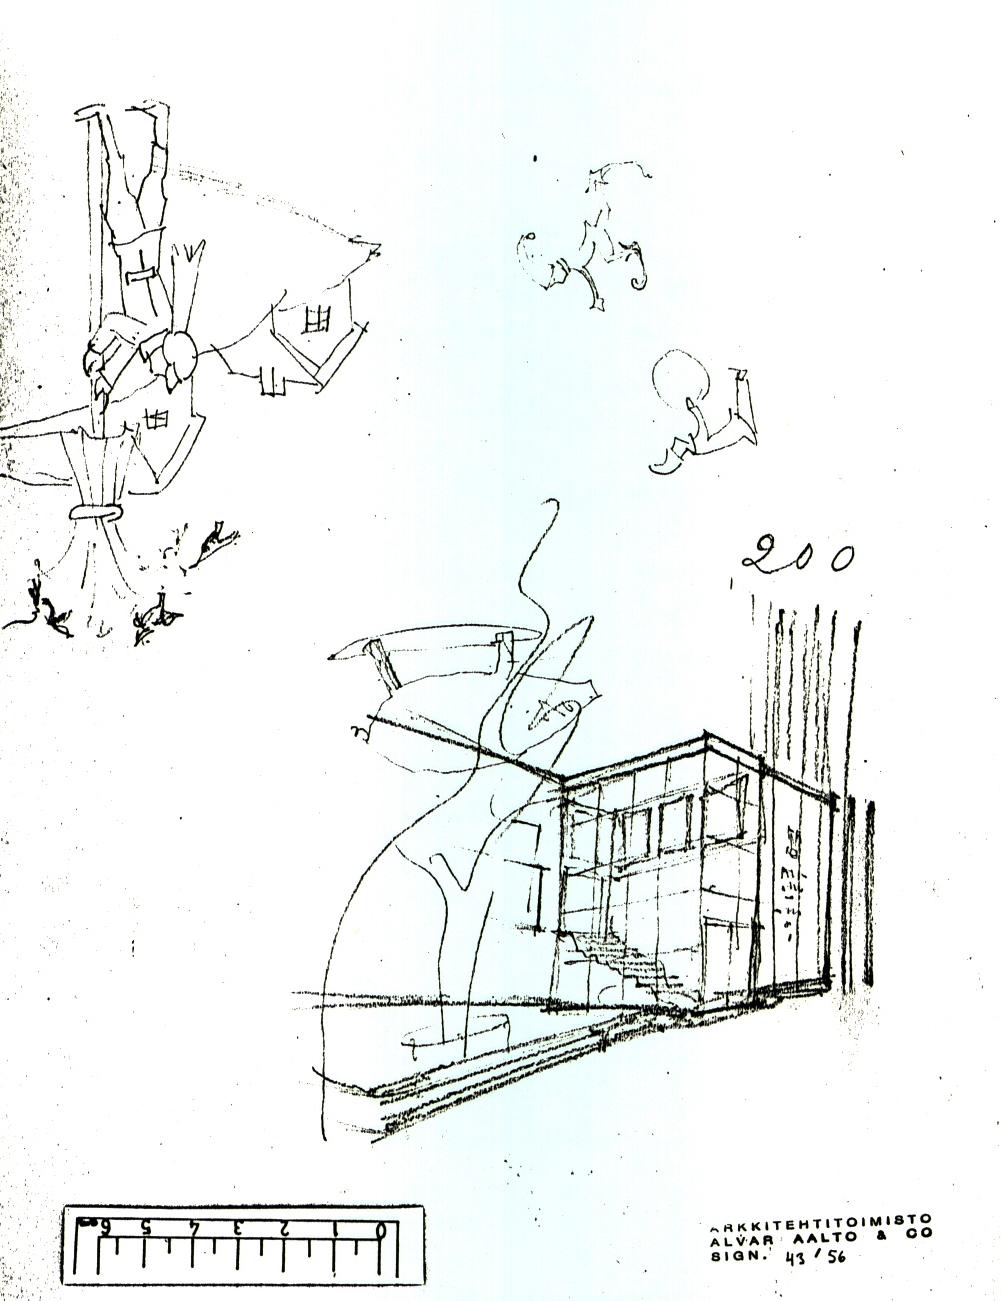 aalto sketch